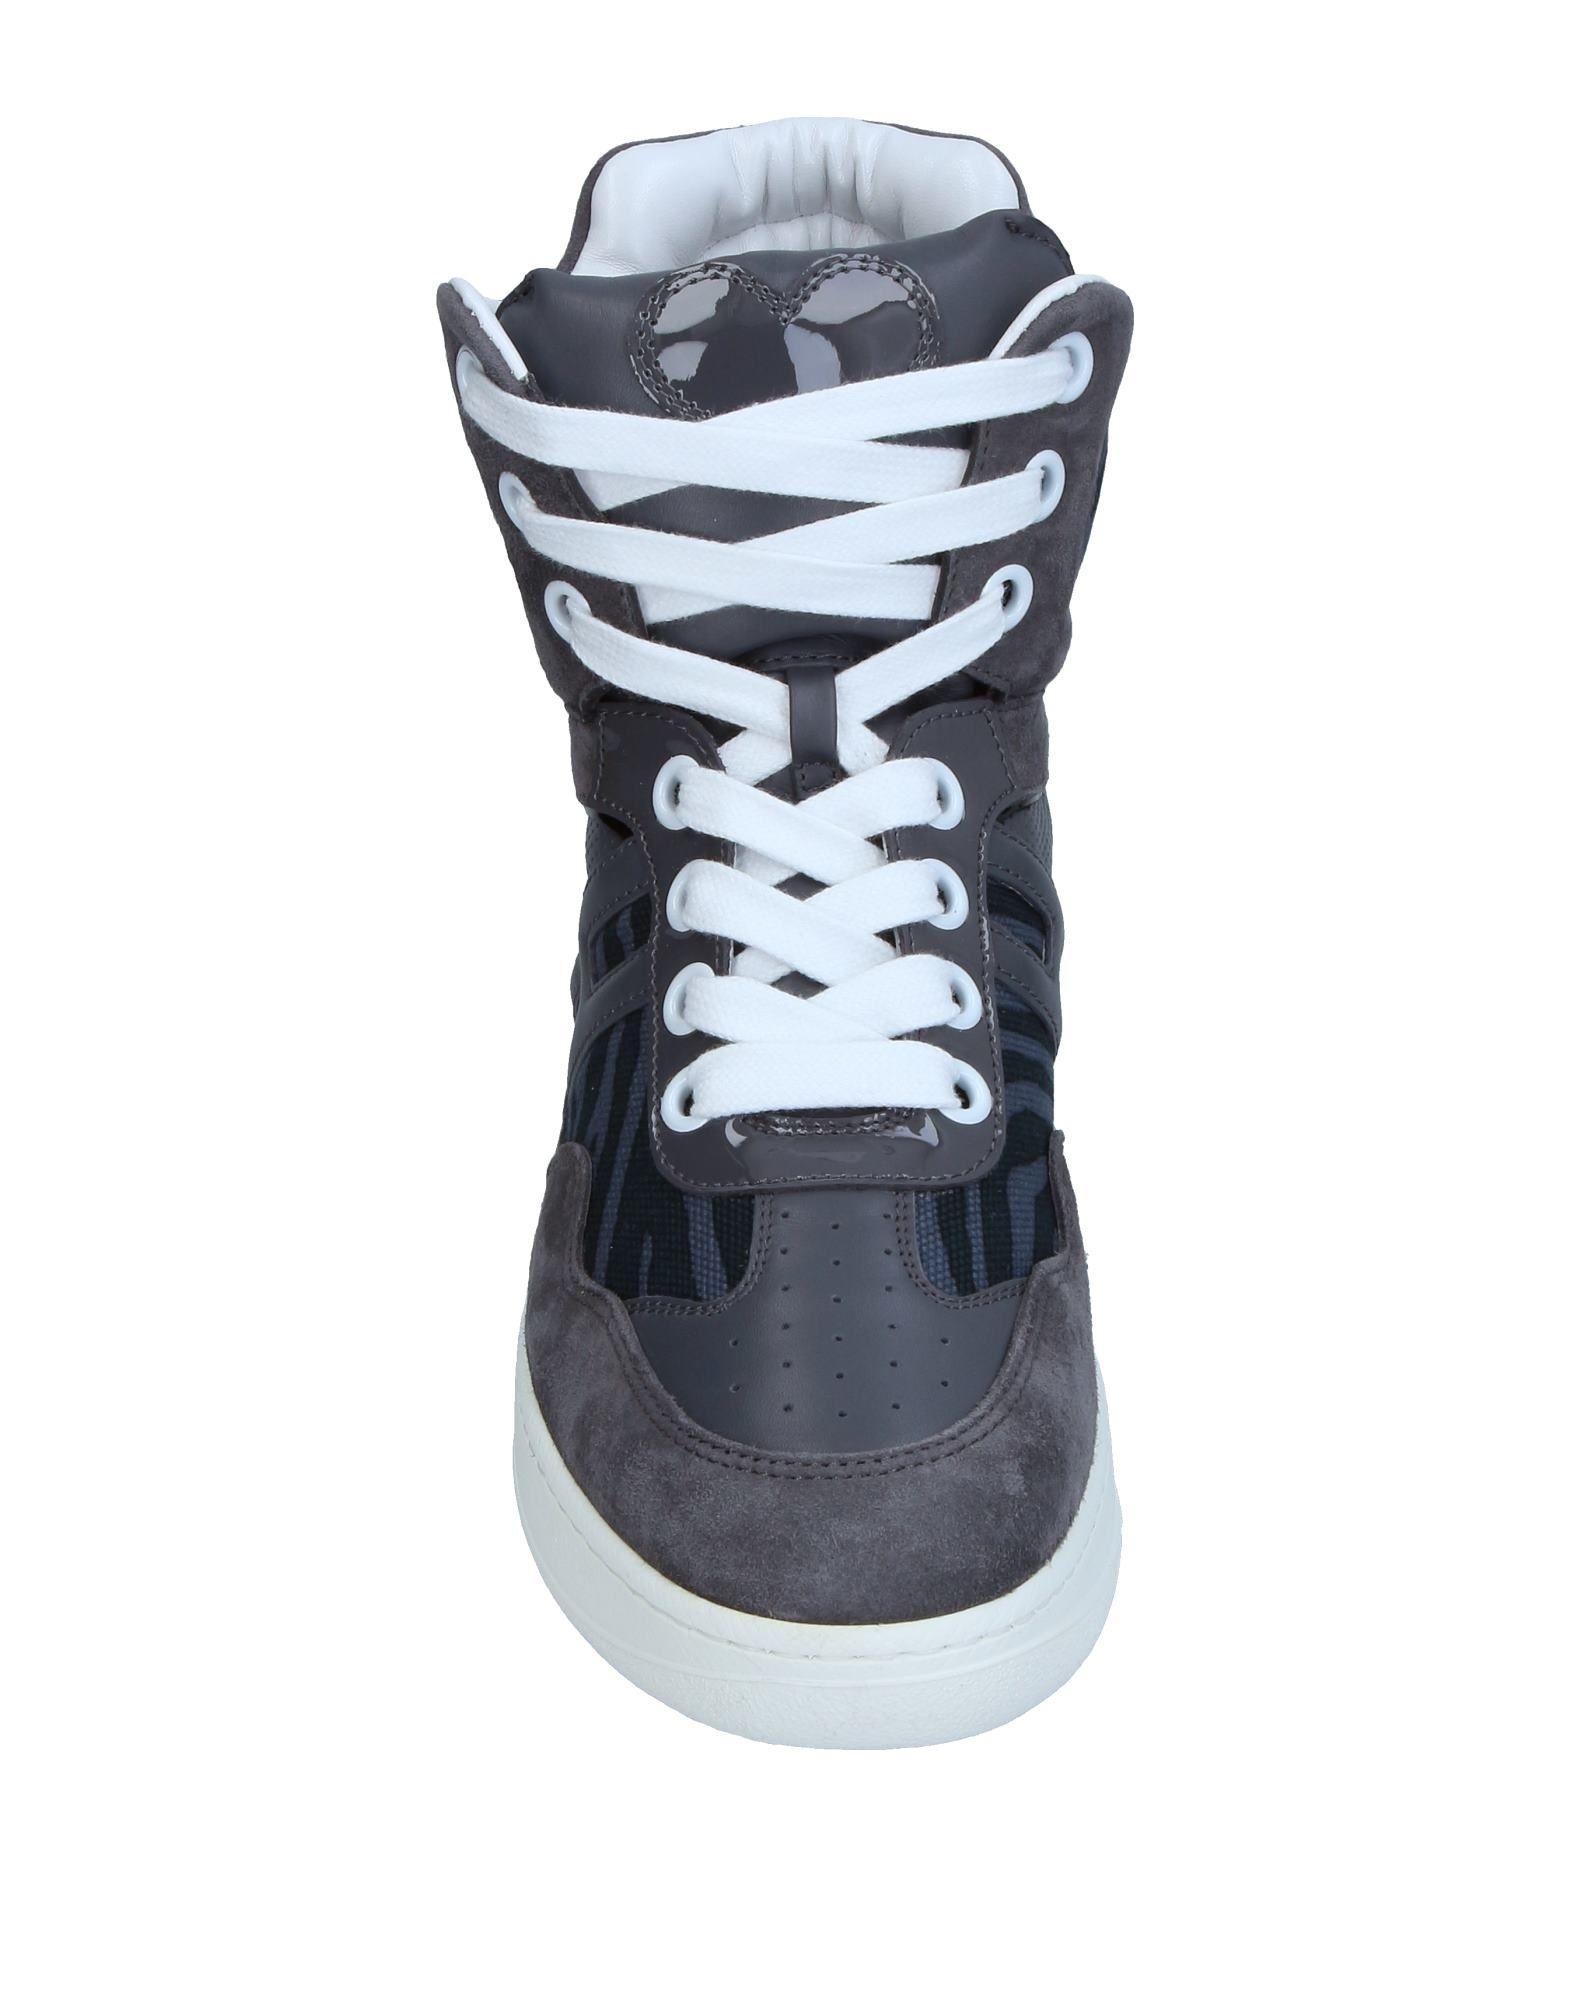 Sneakers Katie Grand Loves Hogan Femme - Sneakers Katie Grand Loves Hogan sur